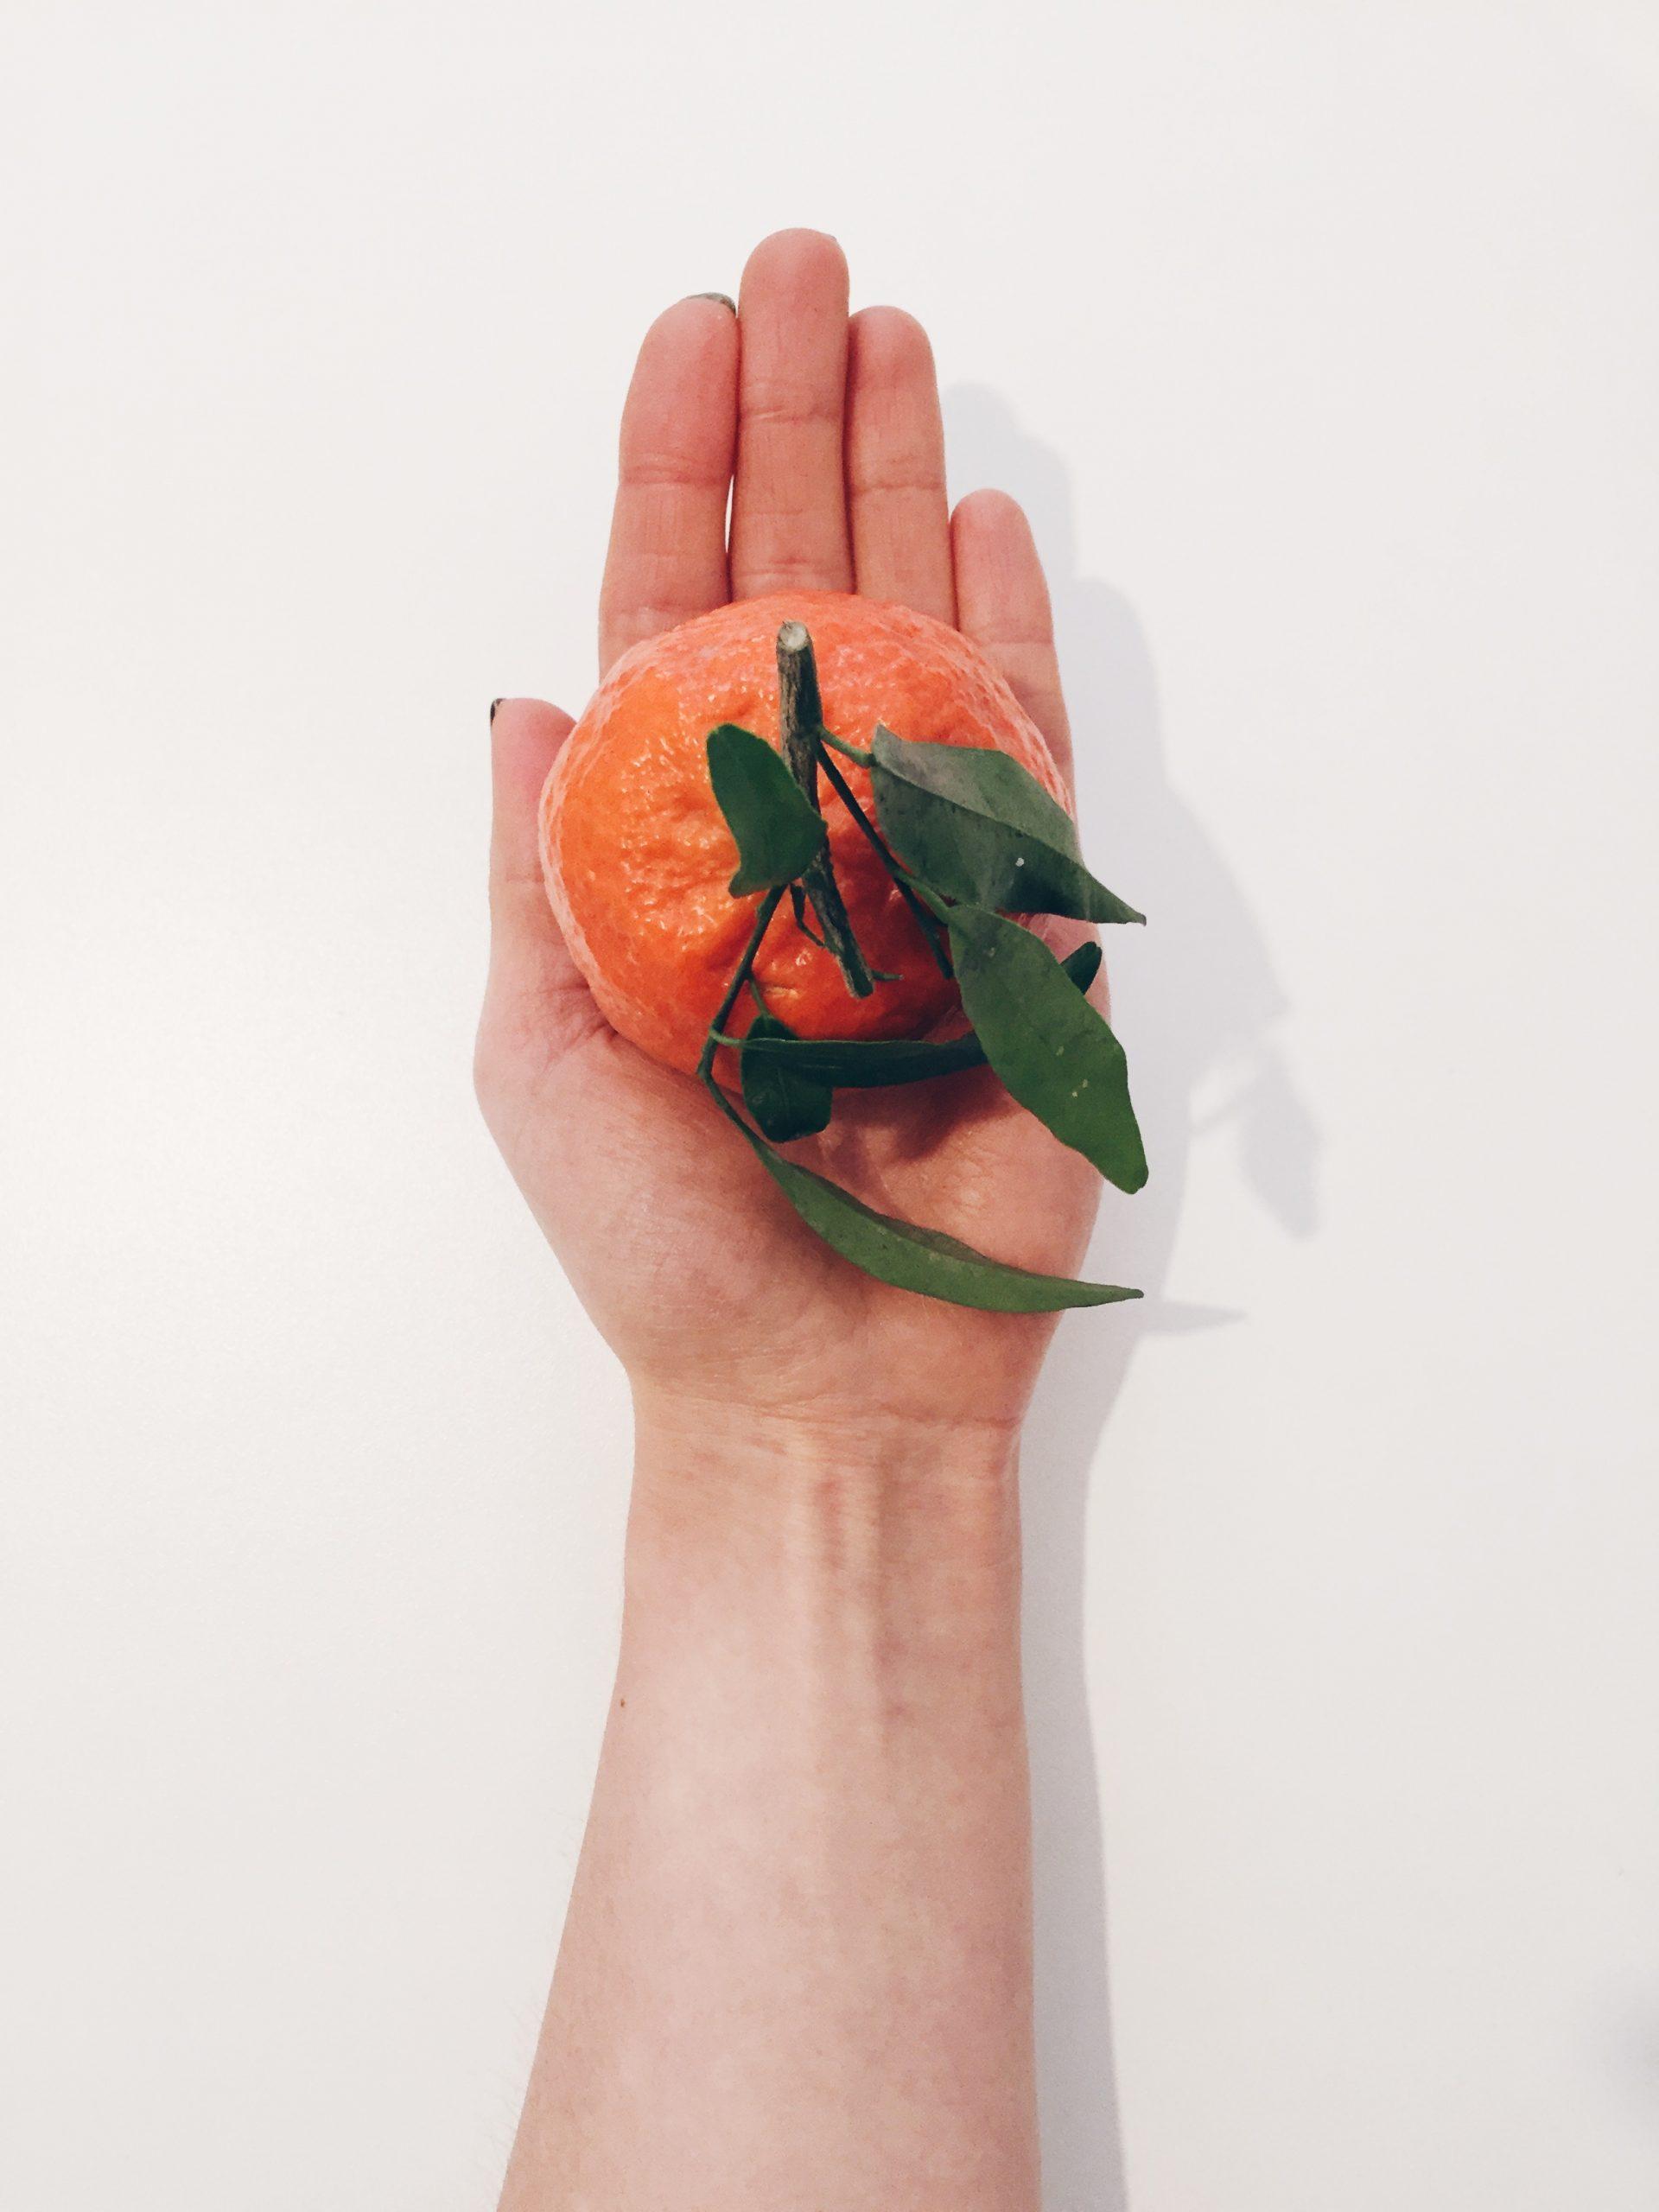 Warum ist gesund essen so schwer und was kann man dagegen tun?